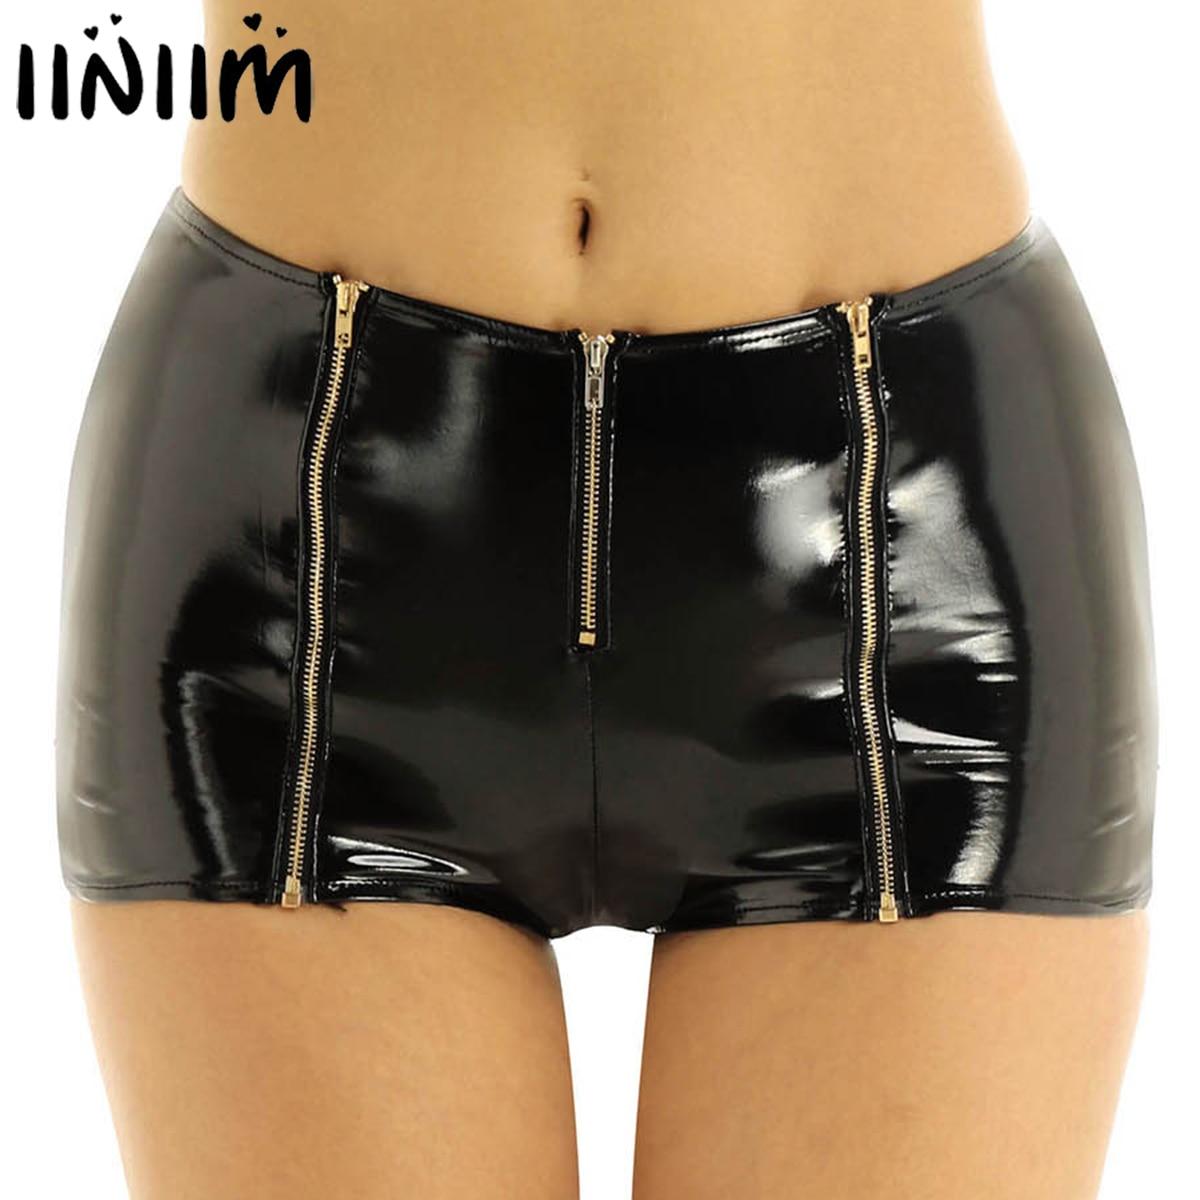 Iiniim femmes Femme Punk Pole danse fête Clubwear Wetlook Shorts en cuir verni avant fermeture à glissière taille basse Mini Shorts pour Costumes